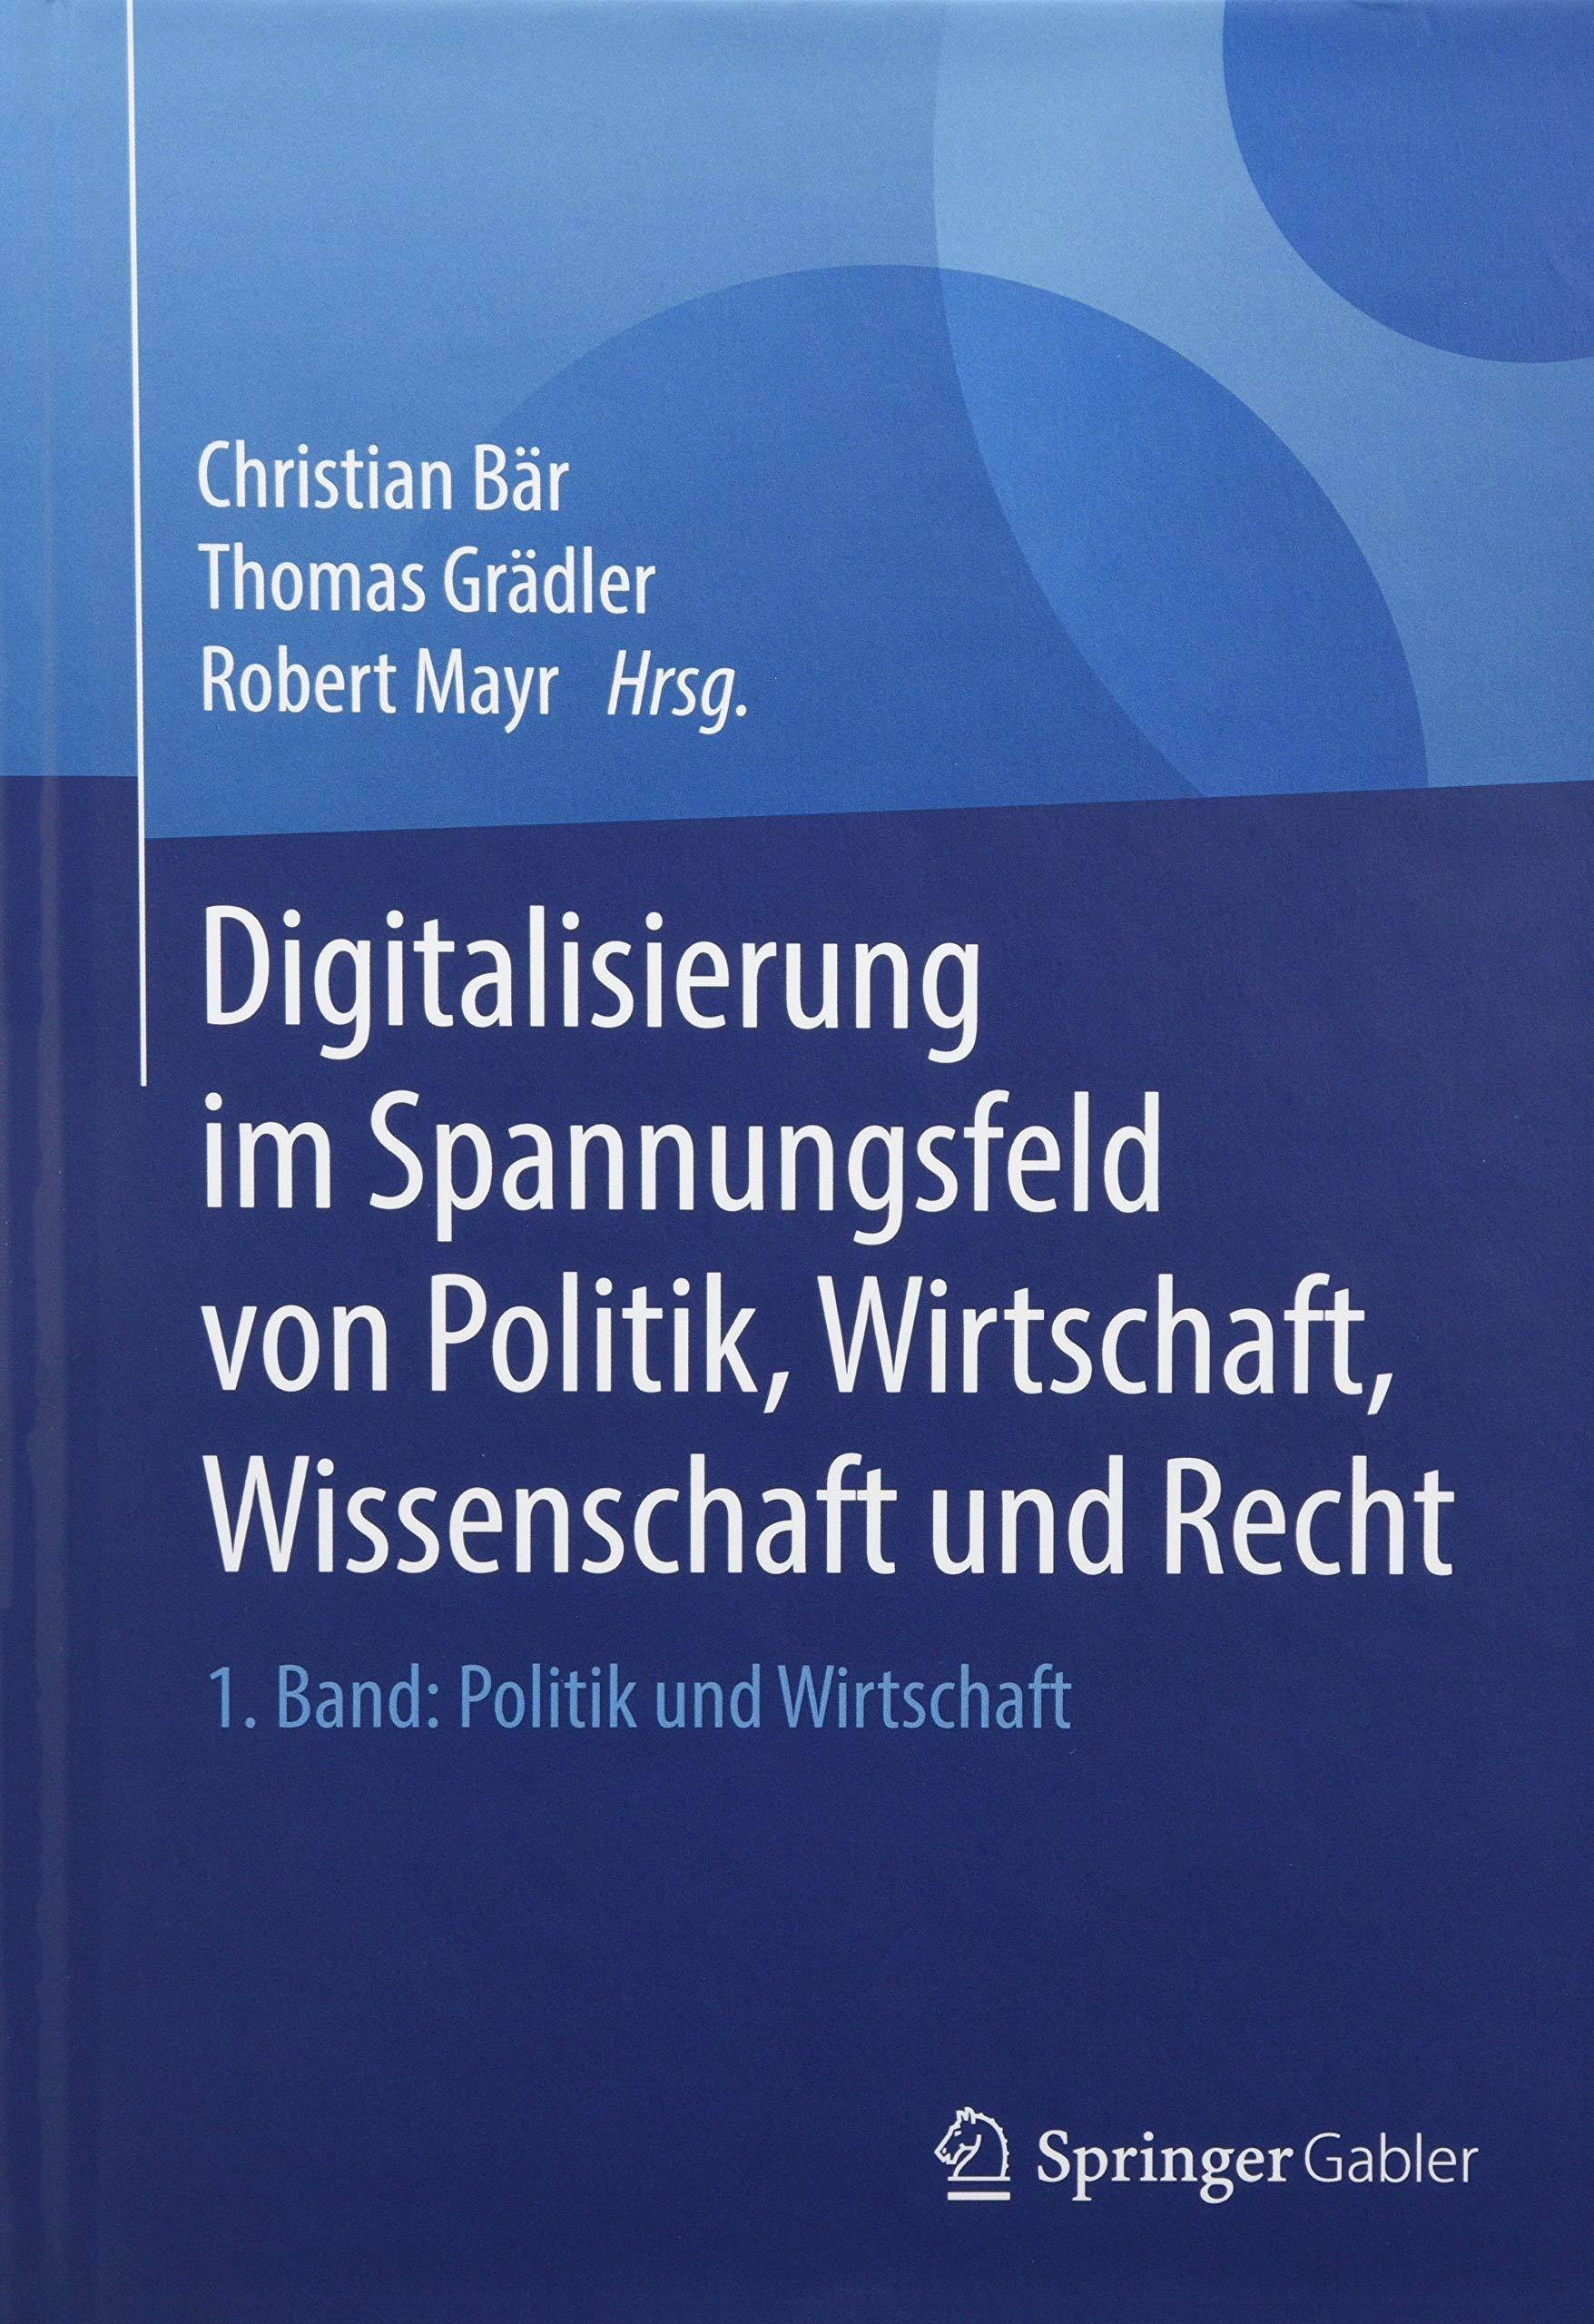 Digitalisierung im Spannungsfeld von Politik, Wirtschaft, Wissenschaft und Recht Gebundenes Buch – 30. Mai 2018 Christian Bär Thomas Grädler Robert Mayr Springer Gabler